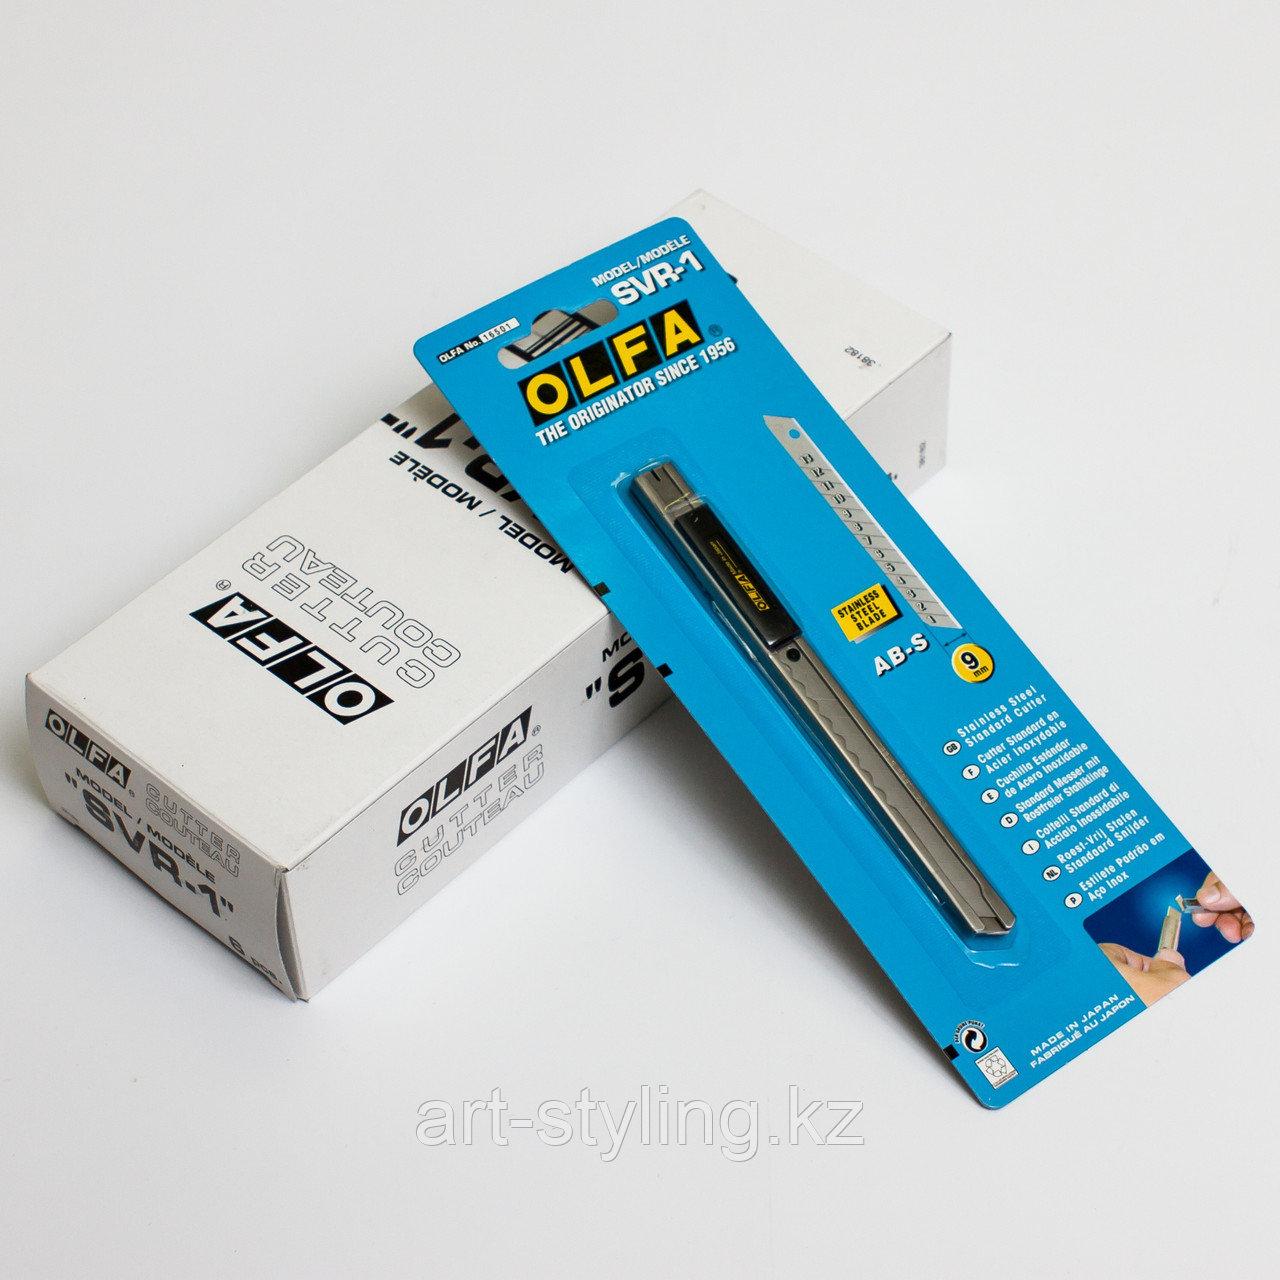 Нож OLFA SVR-1 из нержавеющей стали